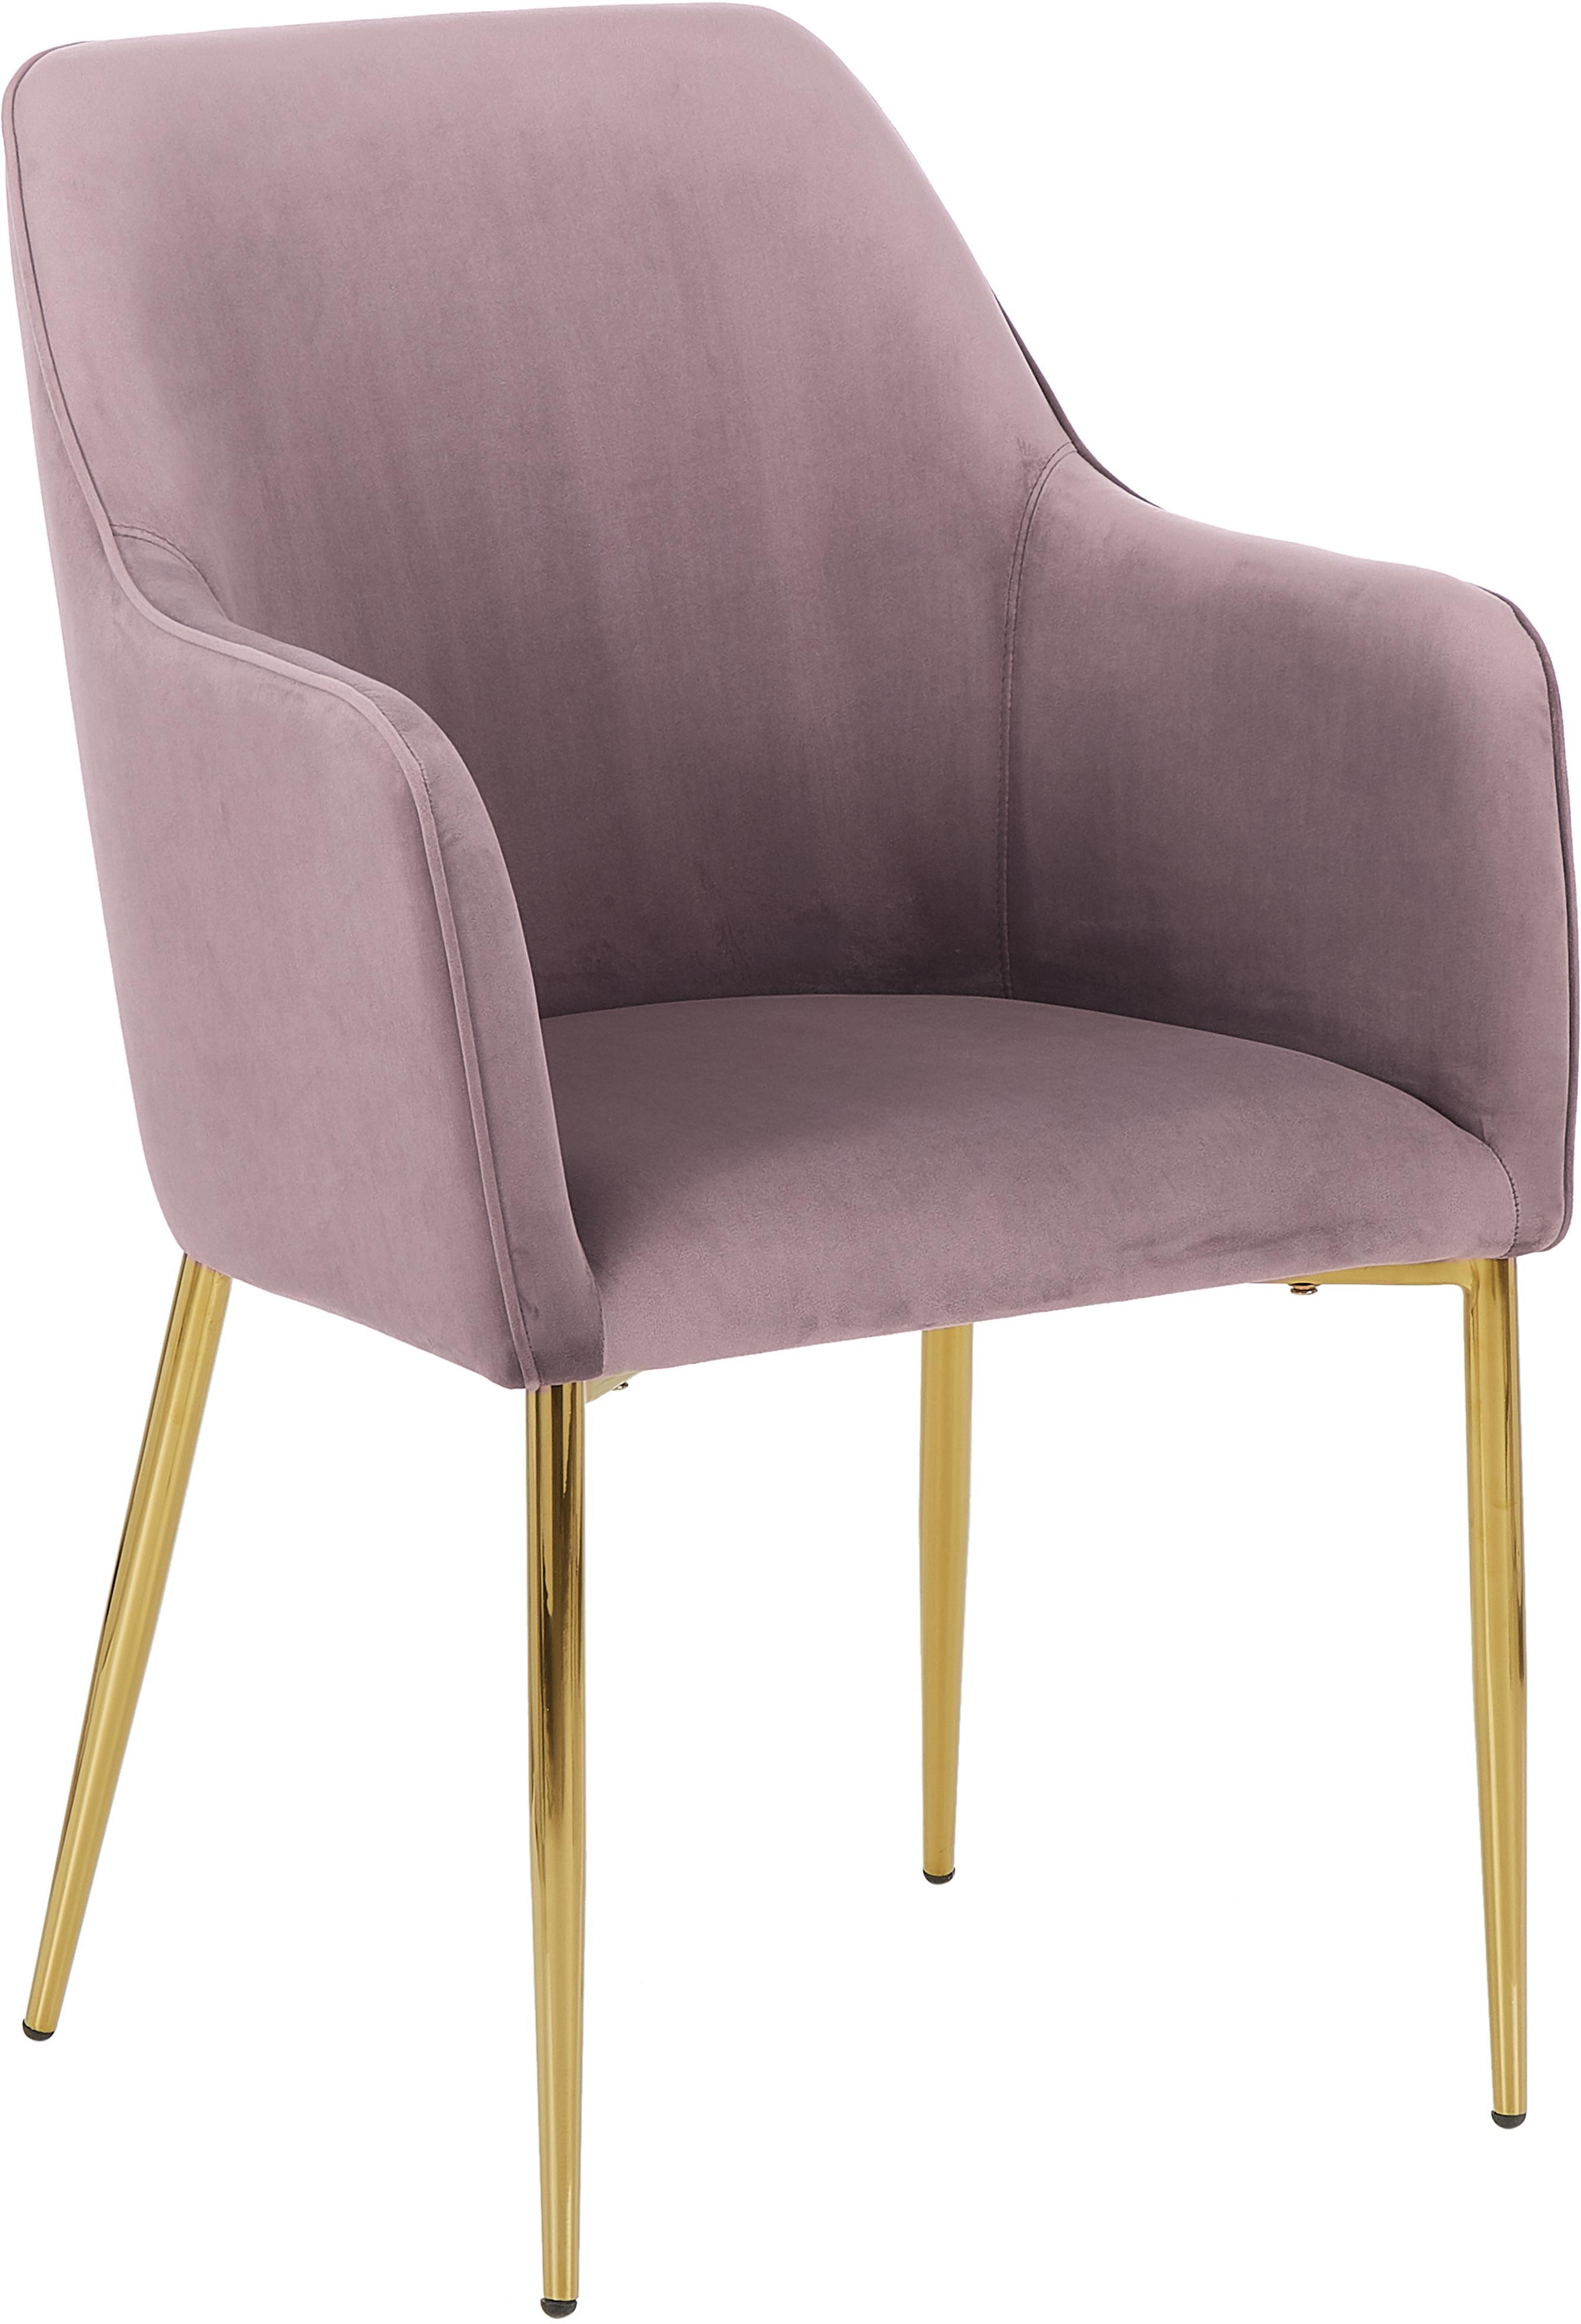 Krzesło z podłokietnikami  z aksamitu Ava, Tapicerka: aksamit (poliester) 5000, Nogi: metal galwanizowany, Aksamitny mauve, nogi: złoty, S 57 x G 62 cm